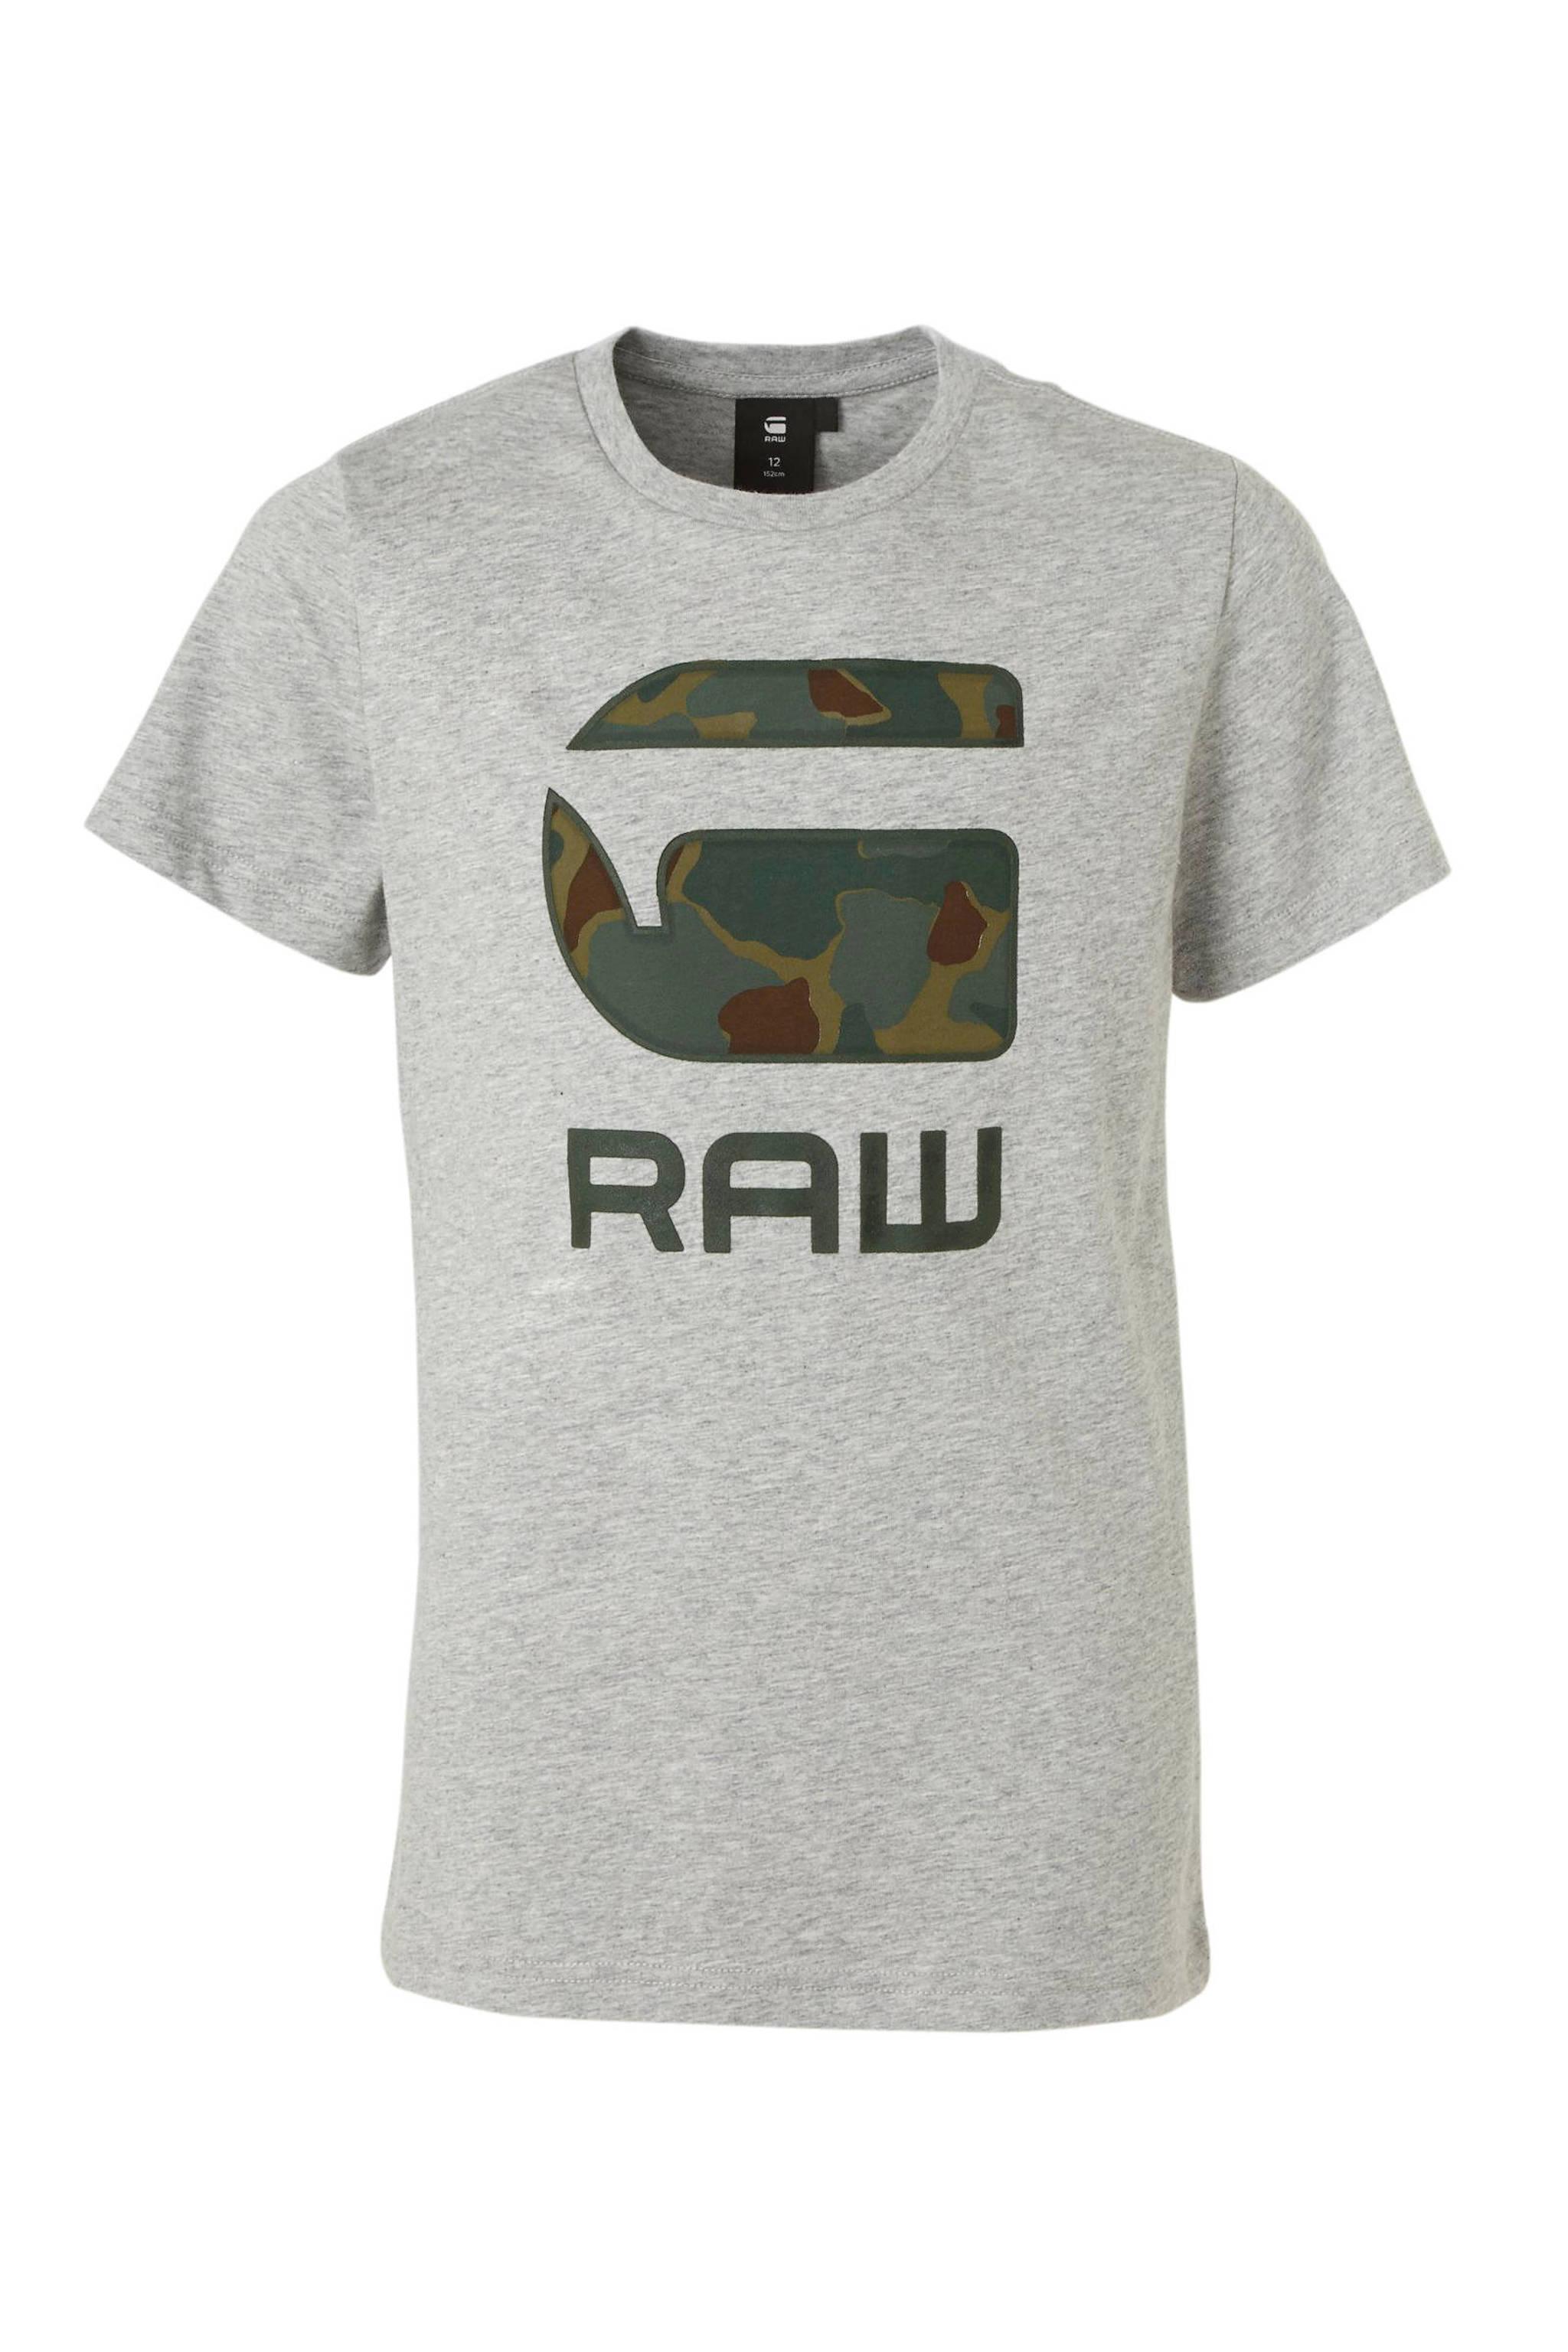 G-star grijs t-shirt